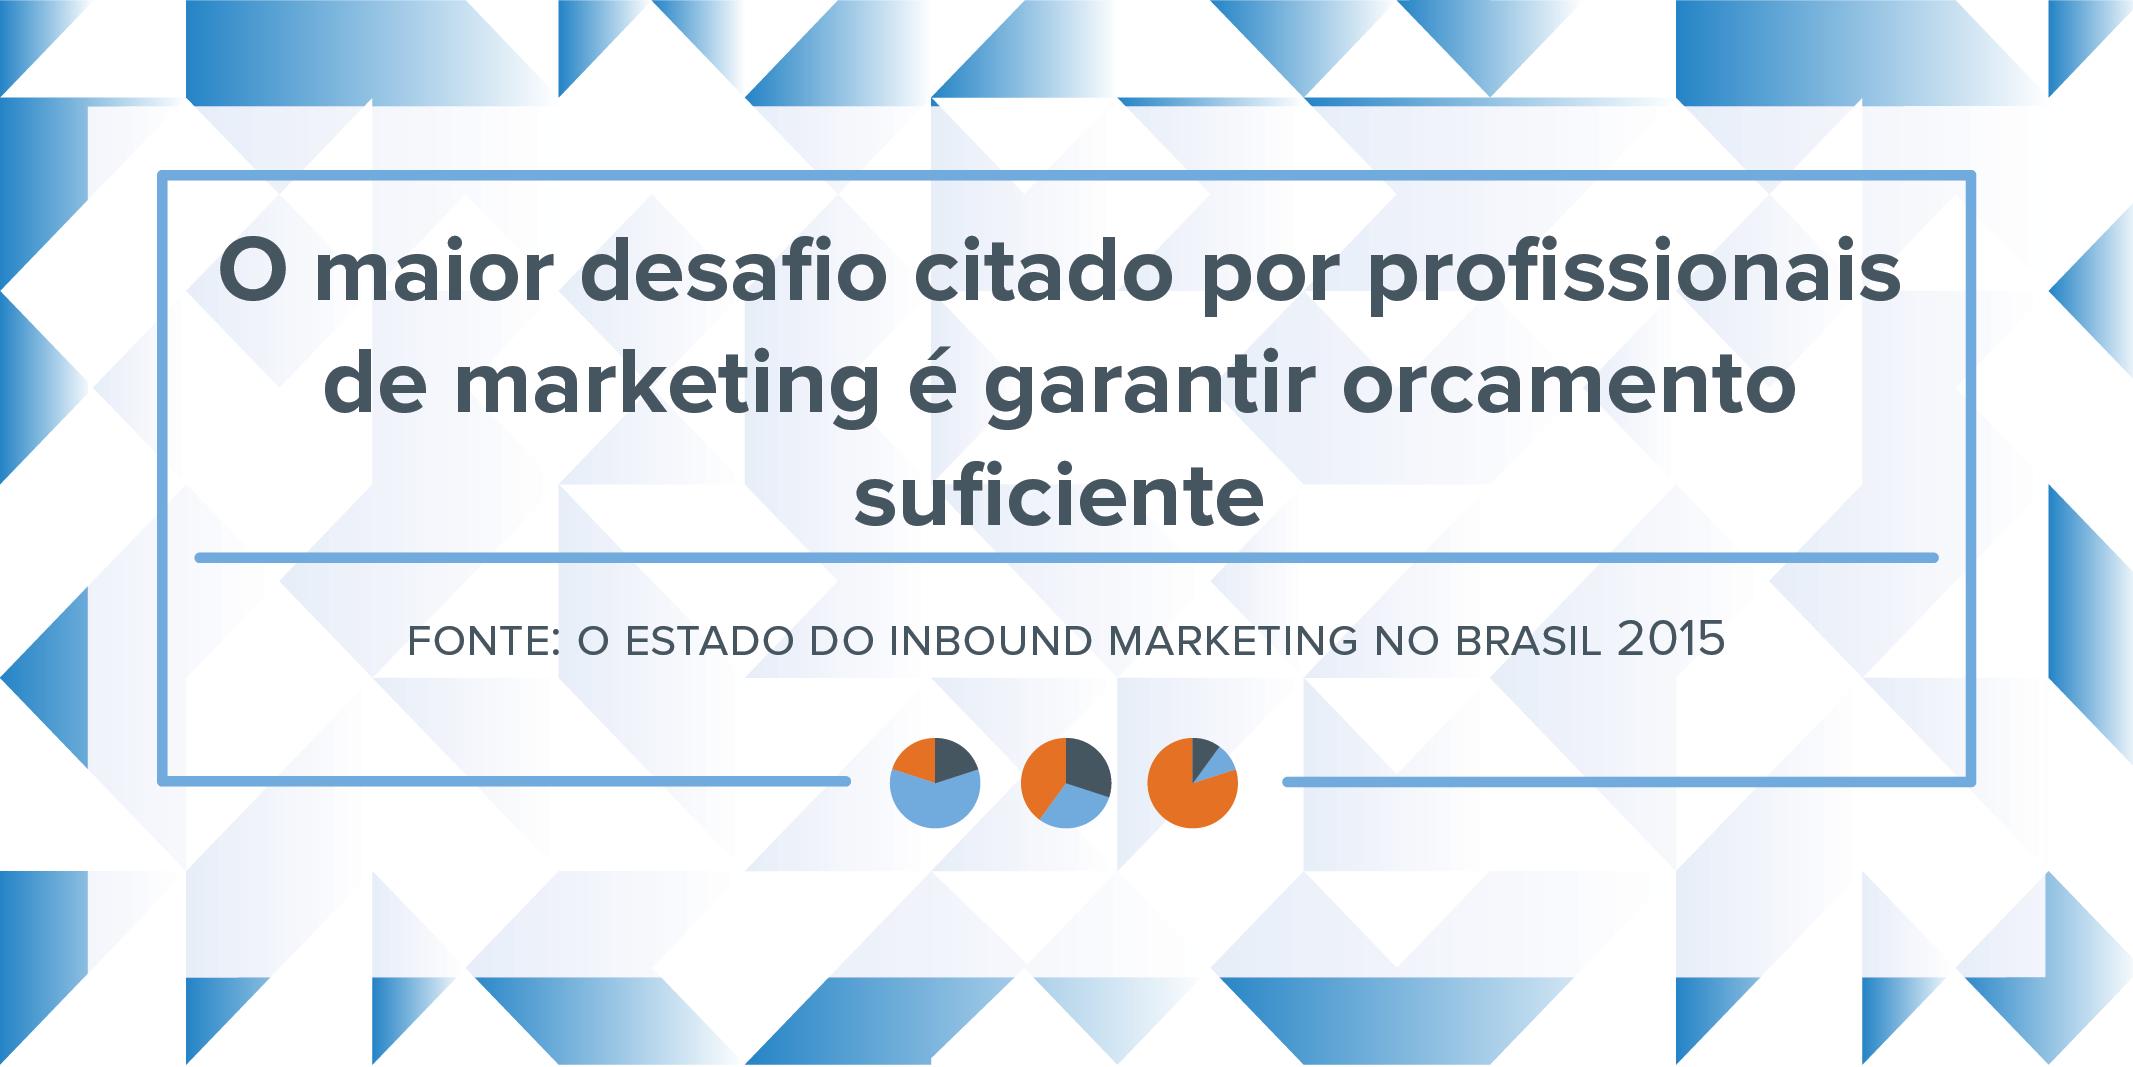 estatisticas-de-inbound-marketing-11.png